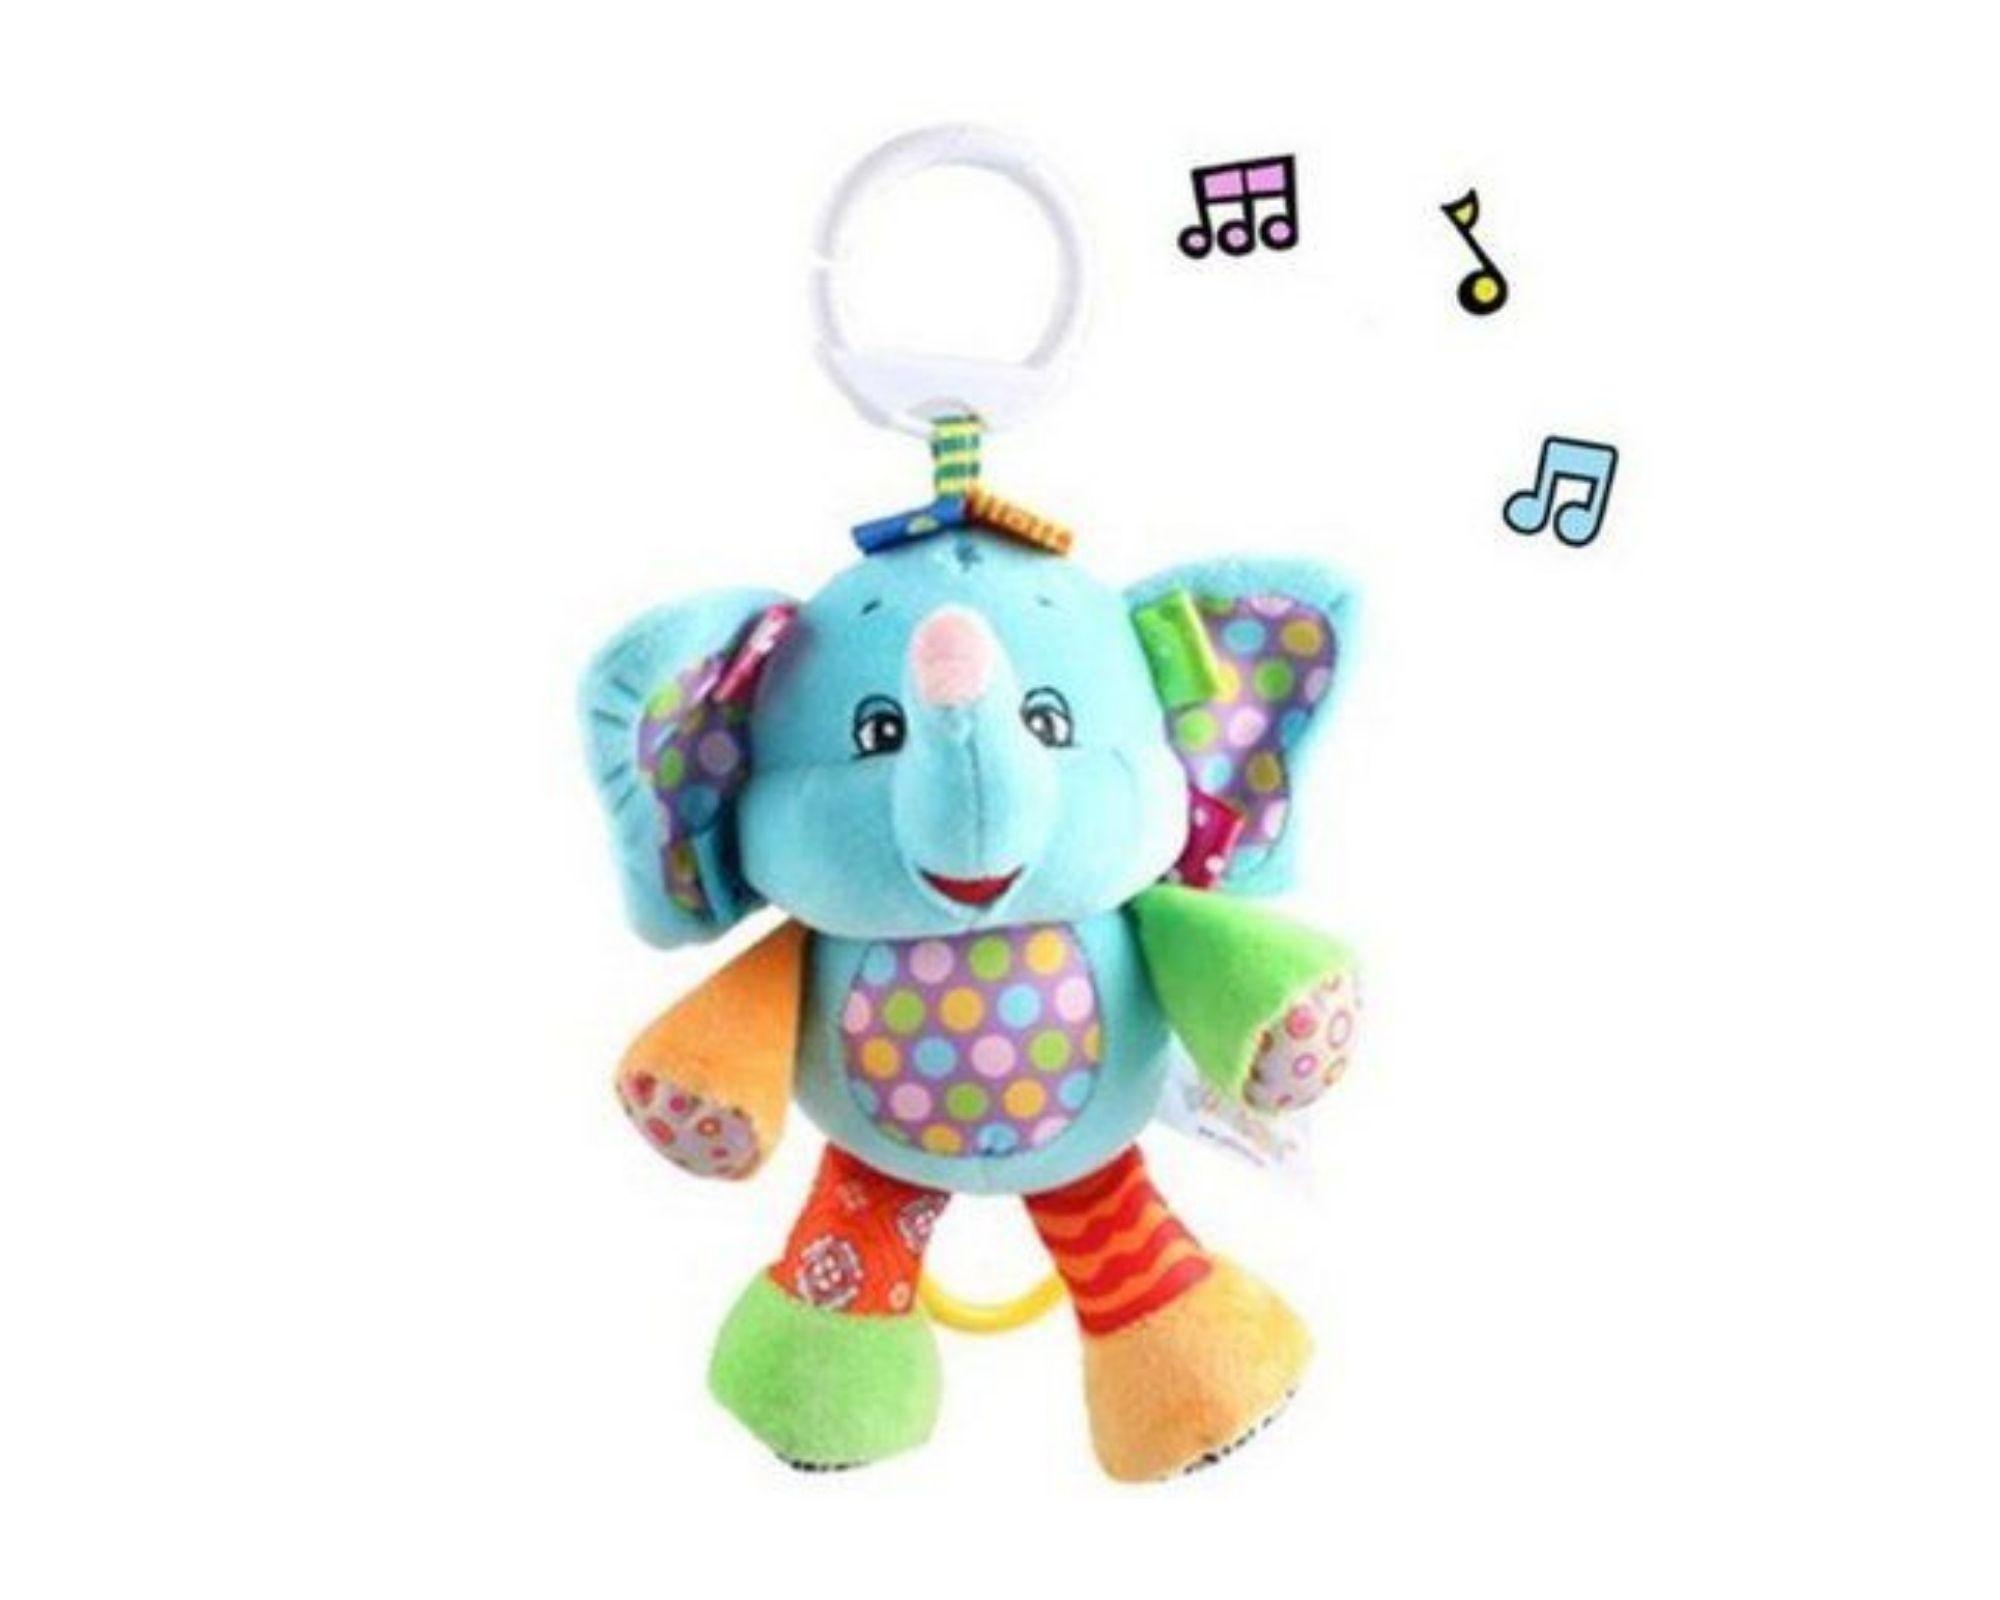 Pelucia Musical Chocalho Elefante para bebê Interativo    - Game Land Brinquedos